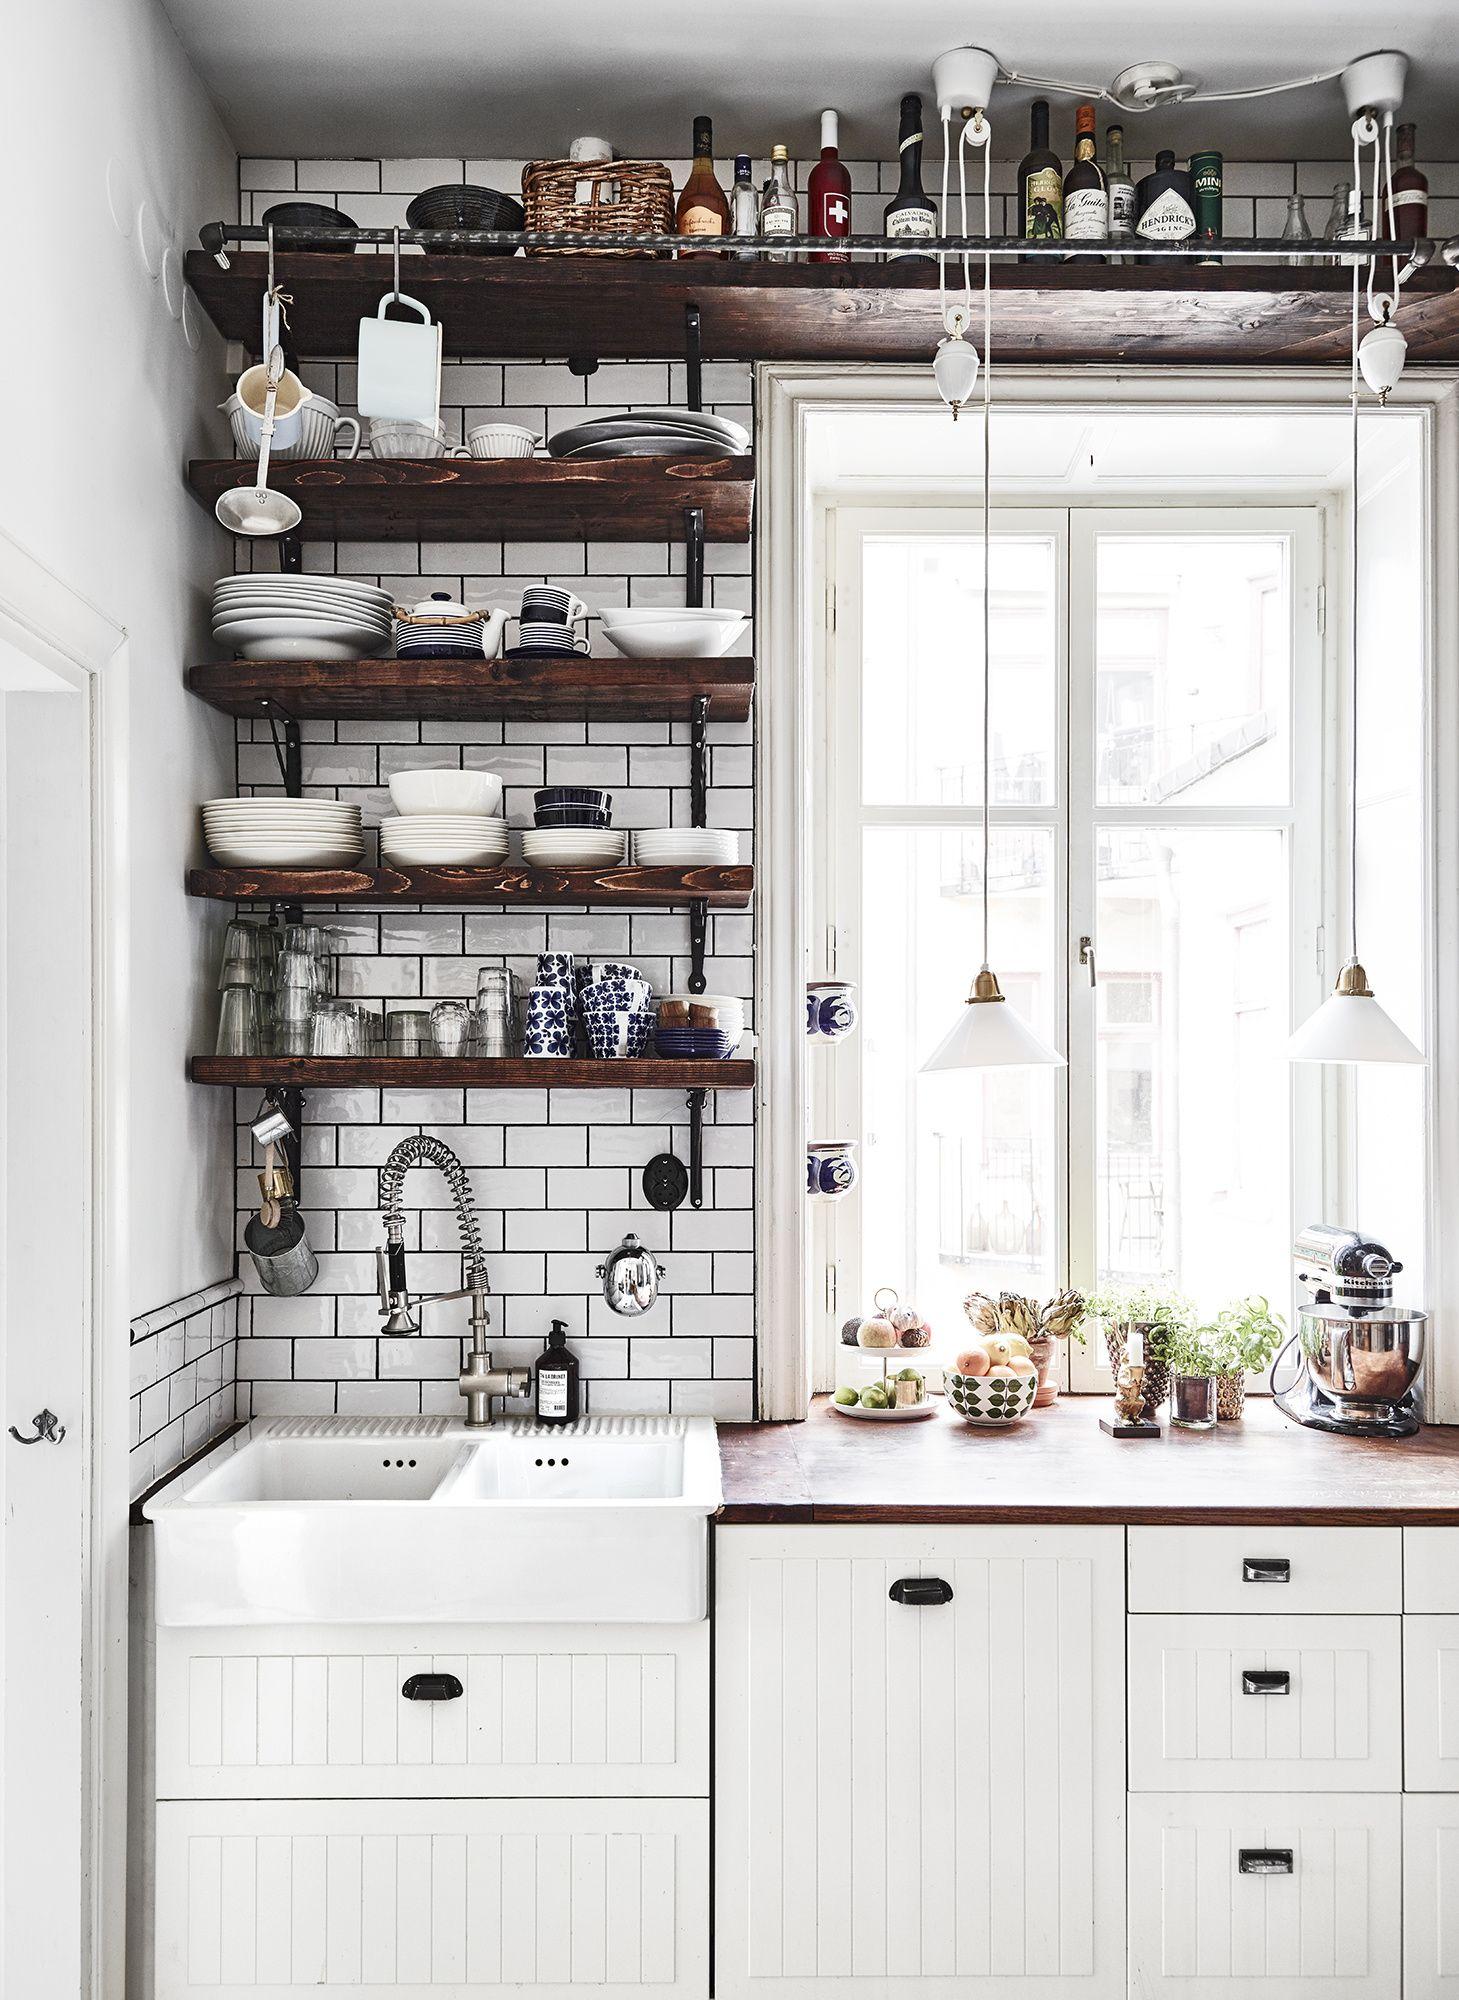 farmhouse kitchen with open shelves tiny house kitchen interior design kitchen kitchen interior on farmhouse kitchen shelf decor id=18690